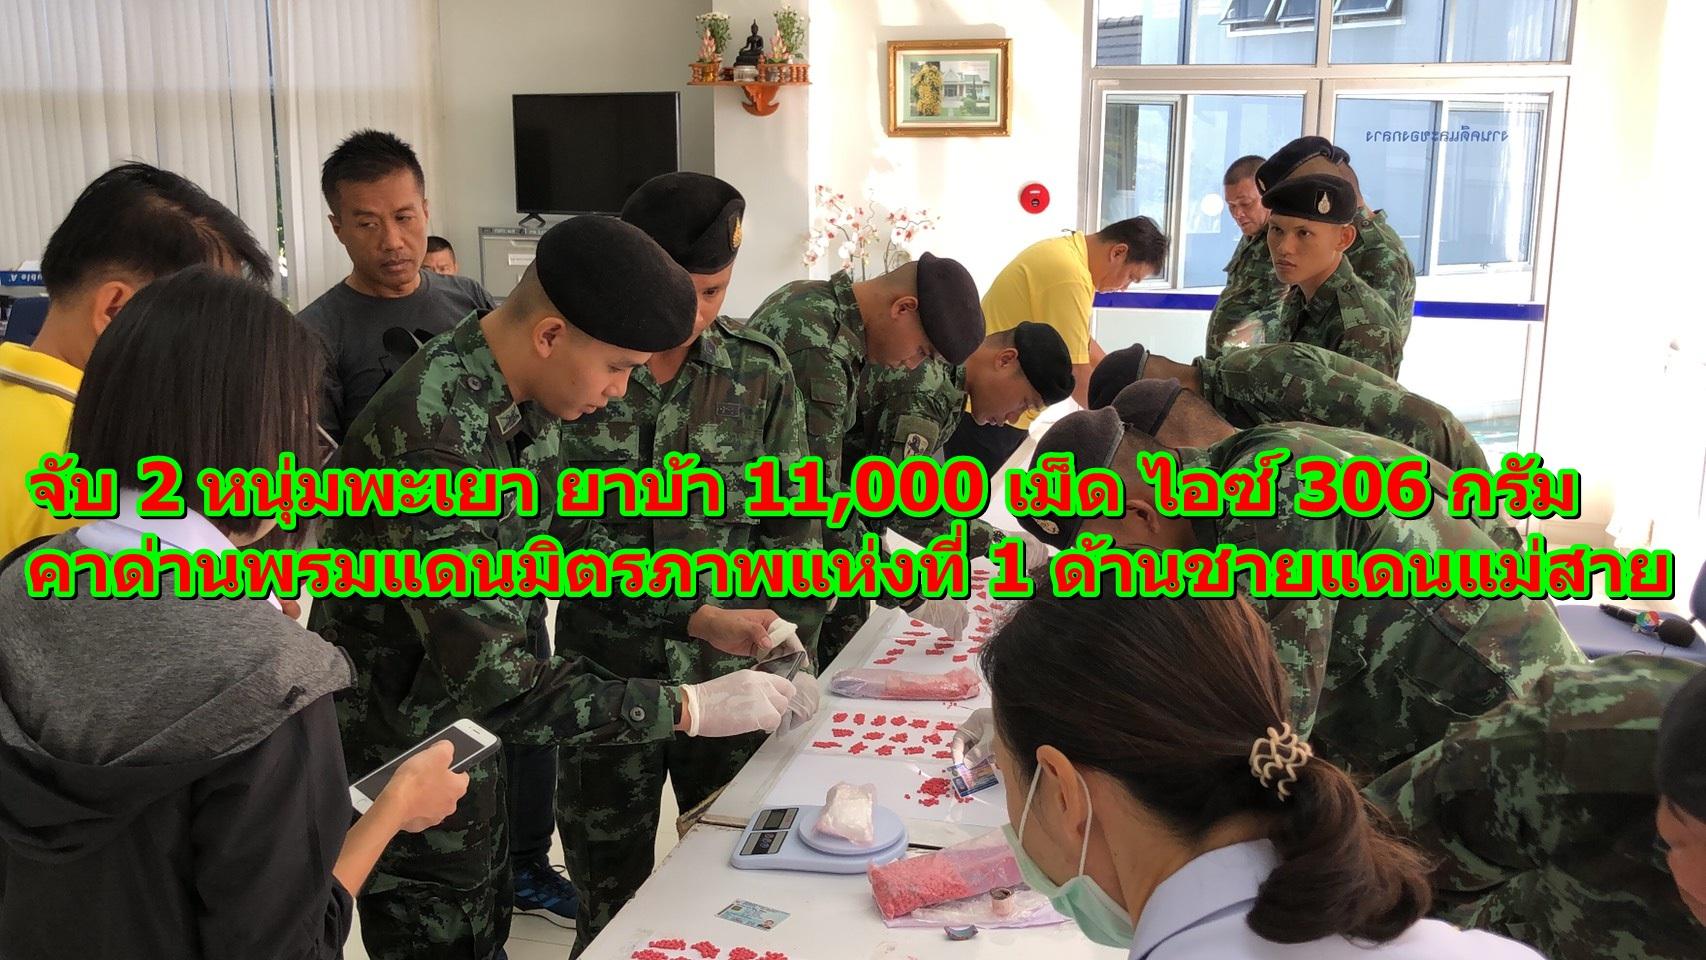 จับ 2 หนุ่มพะเยา ยาบ้า 11,000 เม็ด ไอซ์ 306 กรัม คาด่านพรมแดนมิตรภาพแห่งที่ 1 ด้านชายแดนแม่สาย